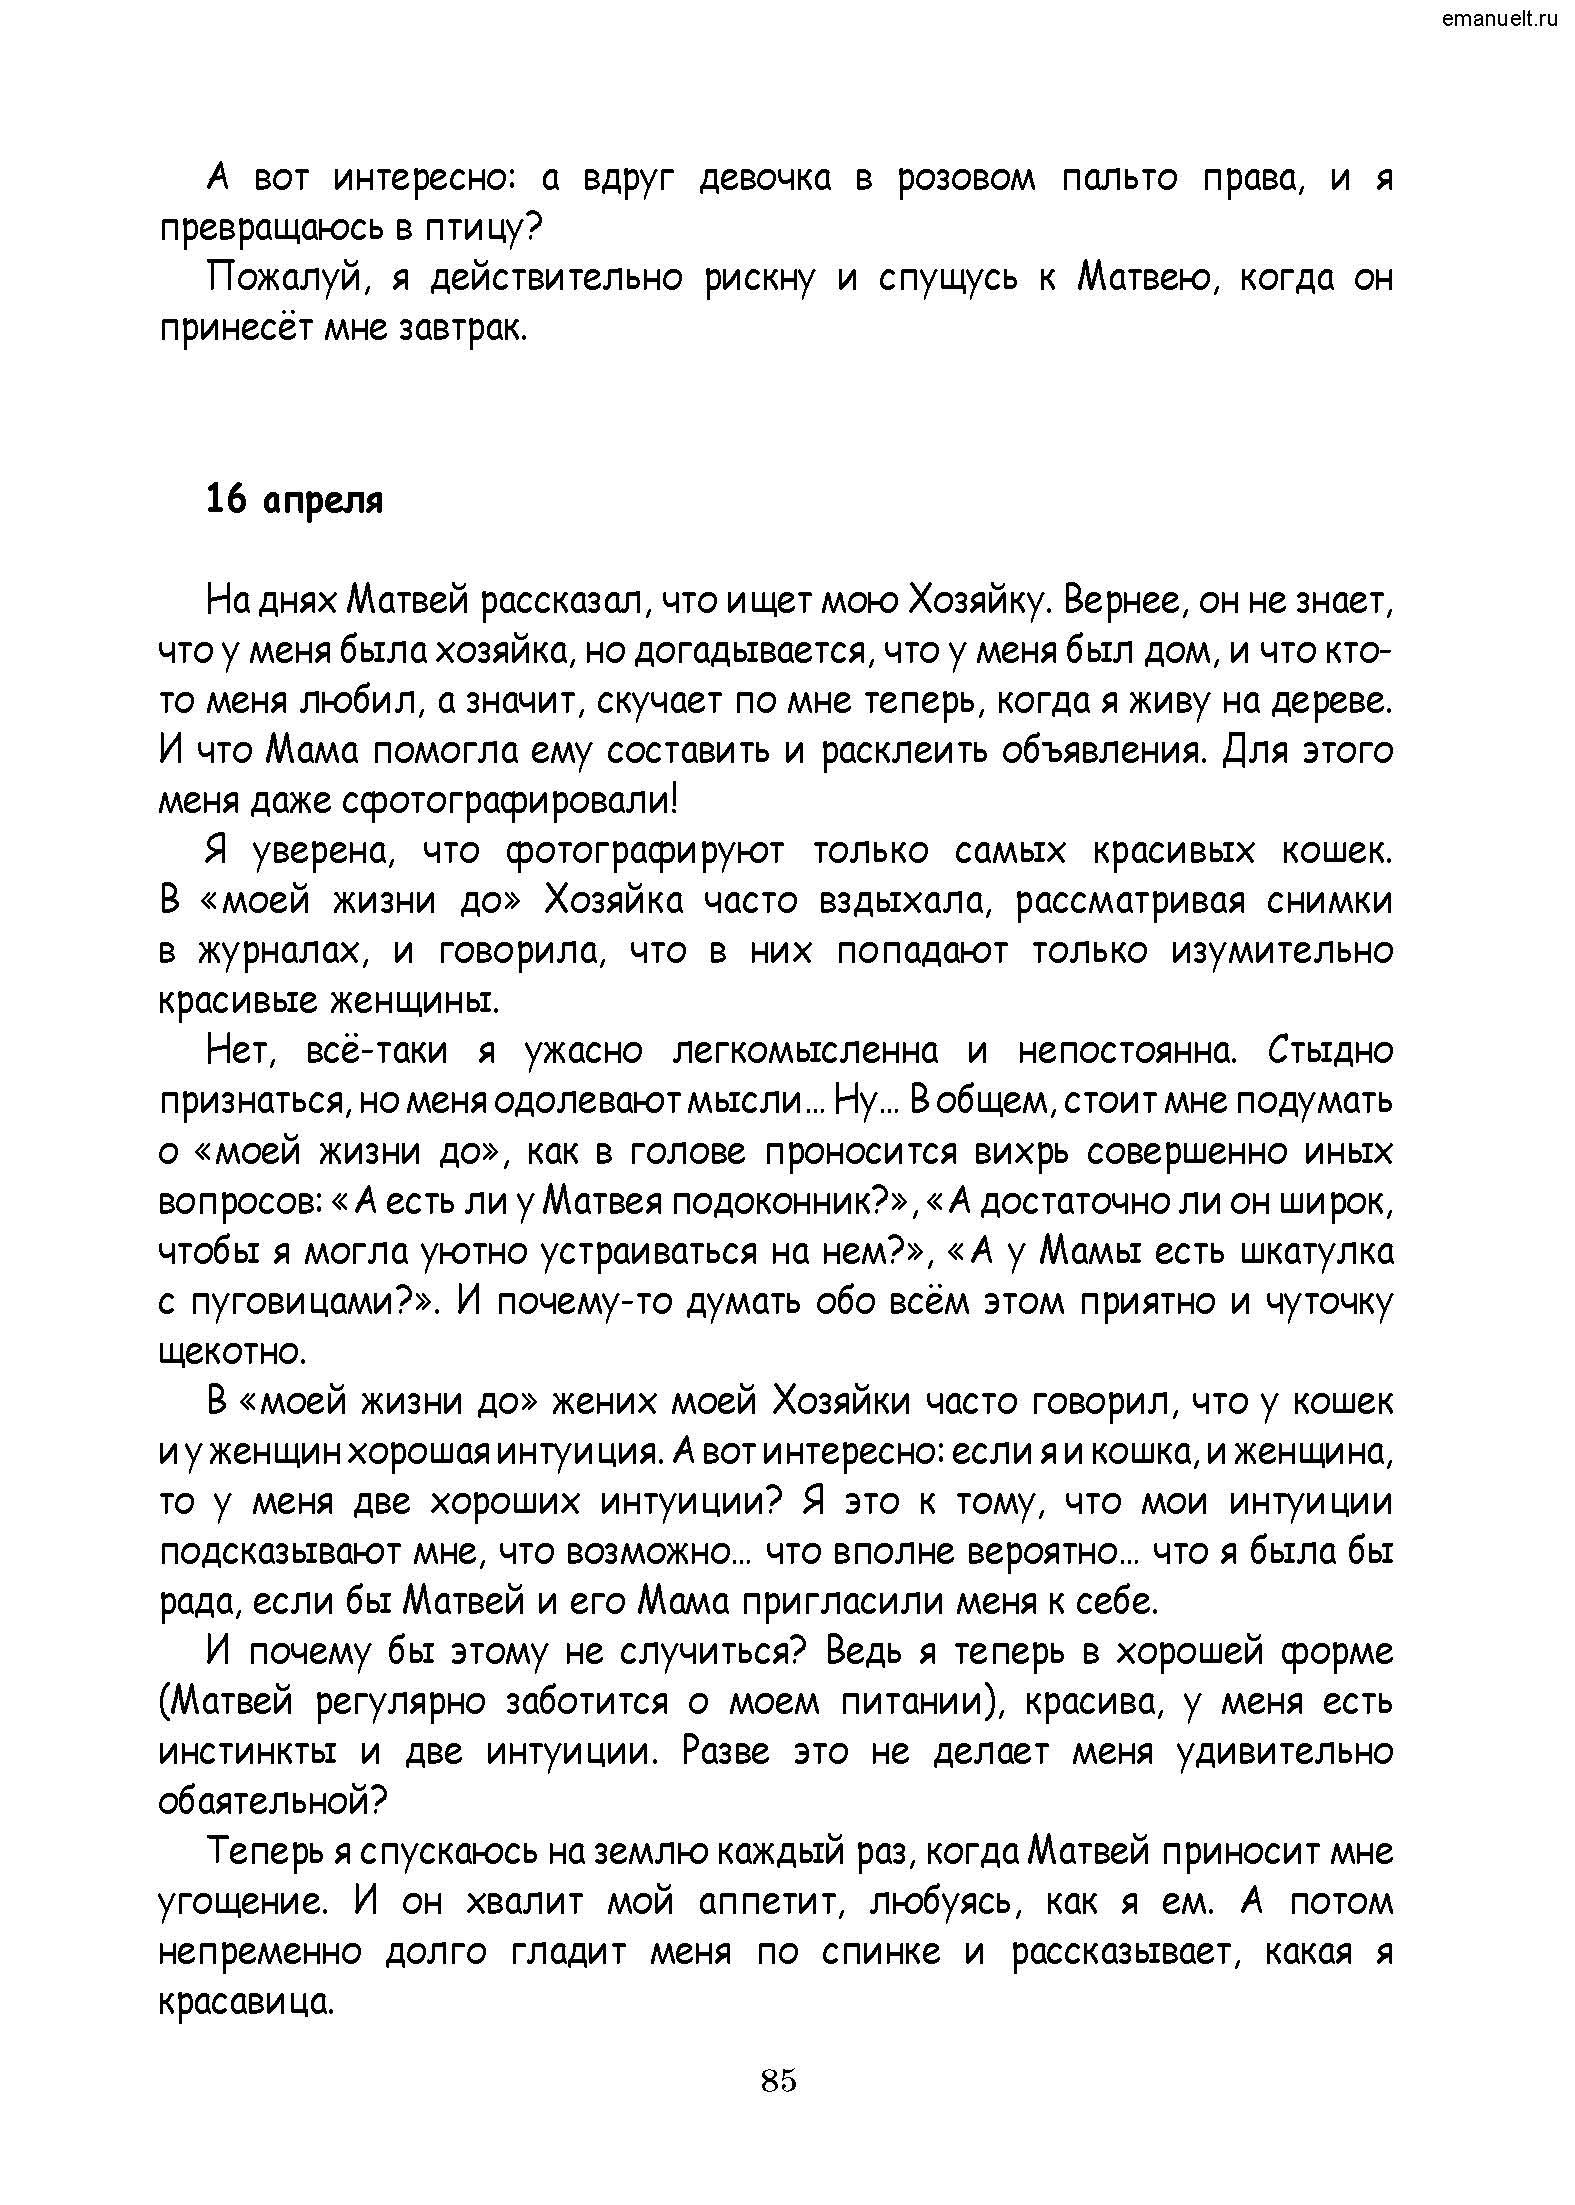 Рассказки в заданиях. emanuelt.ru_Страница_086